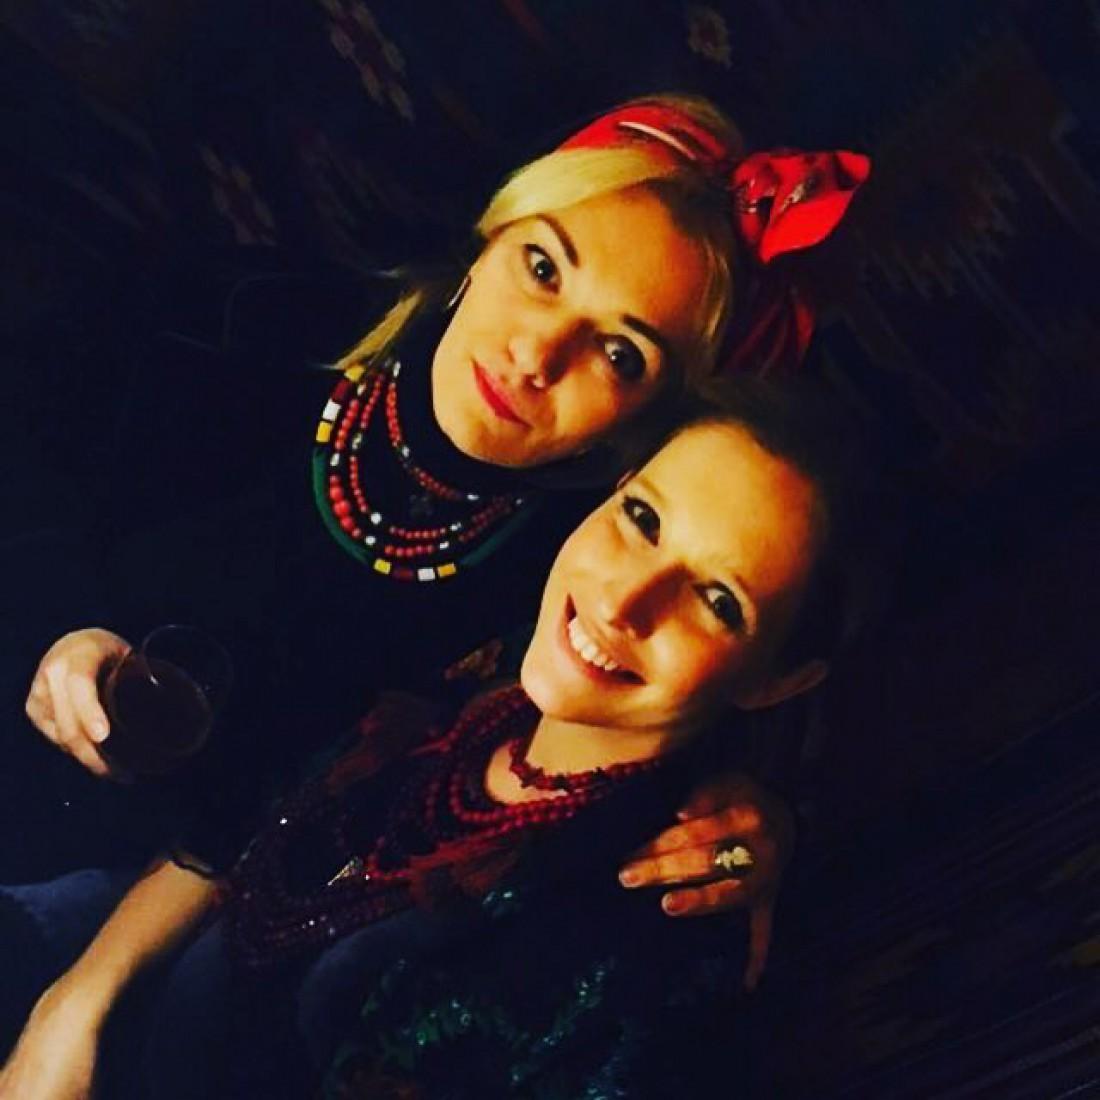 Катя Осадчая со своей подругой Ириной Ковальчук на праздновании Старого Нового года